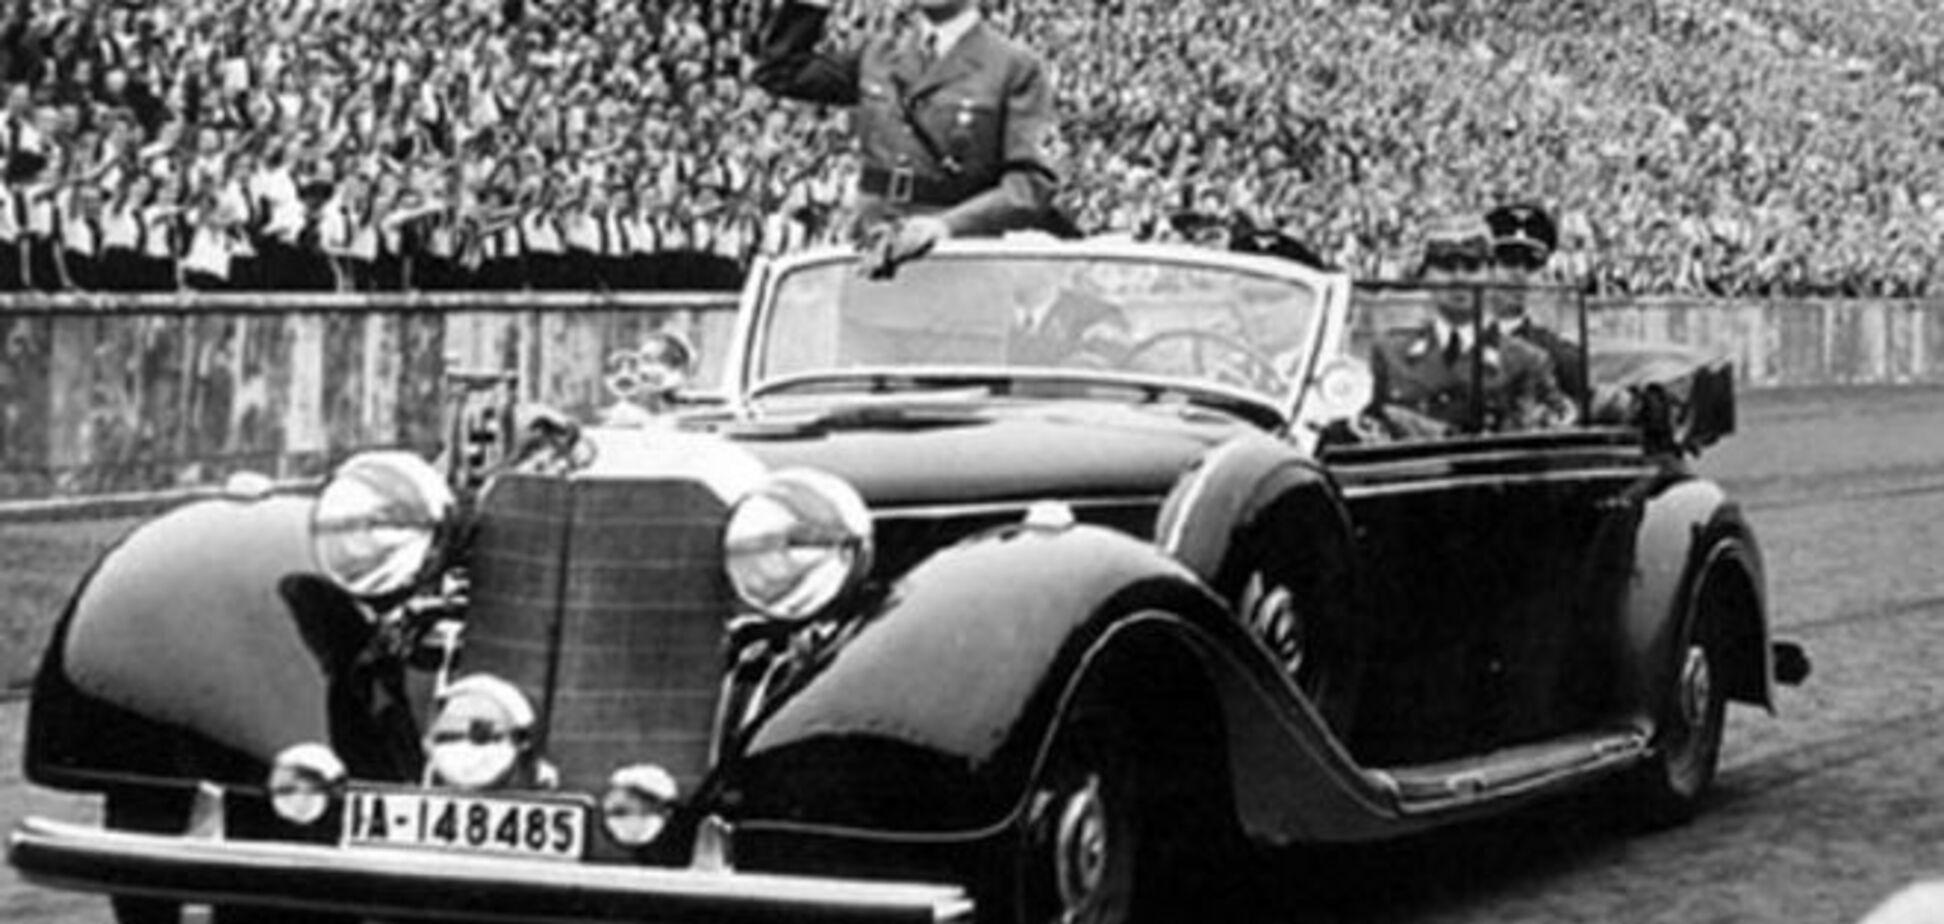 В России готовы поставить клеймо на BMW за 'сотрудничество с Гитлером'